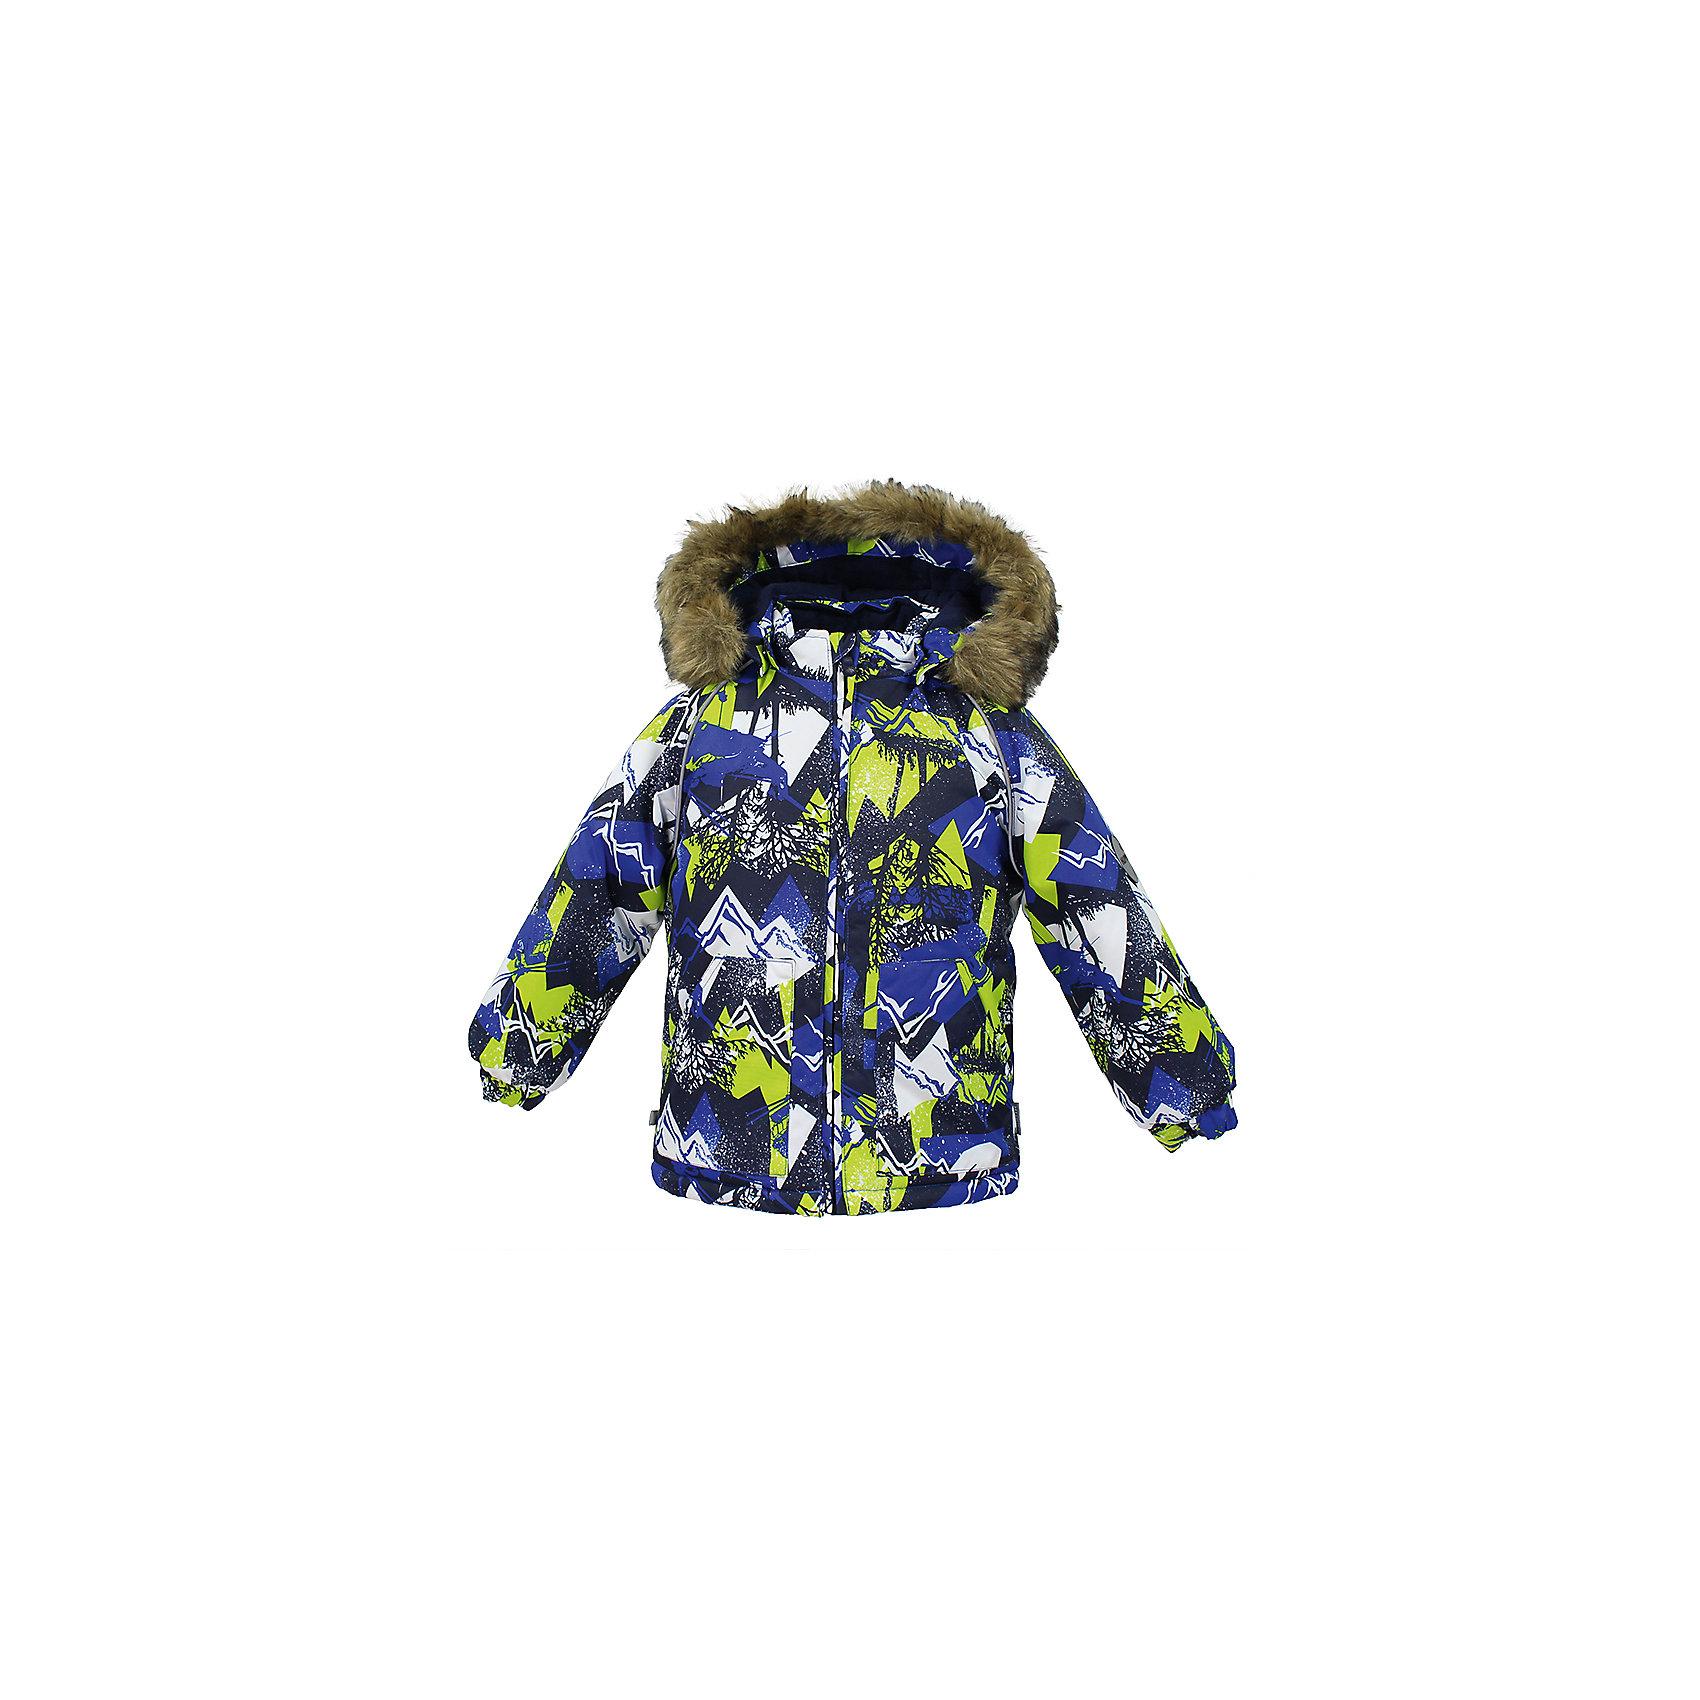 Куртка VIRGO HuppaВерхняя одежда<br>Куртка для малышей VIRGO.Водо и воздухонепроницаемость 10 000. Утеплитель 300 гр. Подкладка фланель 100% хлопок. Отстегивающийся капюшон с мехом. Манжеты рукавов на резинке. Имеются светоотражательные детали.<br>Состав:<br>100% Полиэстер<br><br>Ширина мм: 356<br>Глубина мм: 10<br>Высота мм: 245<br>Вес г: 519<br>Цвет: синий<br>Возраст от месяцев: 36<br>Возраст до месяцев: 48<br>Пол: Унисекс<br>Возраст: Детский<br>Размер: 104,80,86,92,98<br>SKU: 7027246